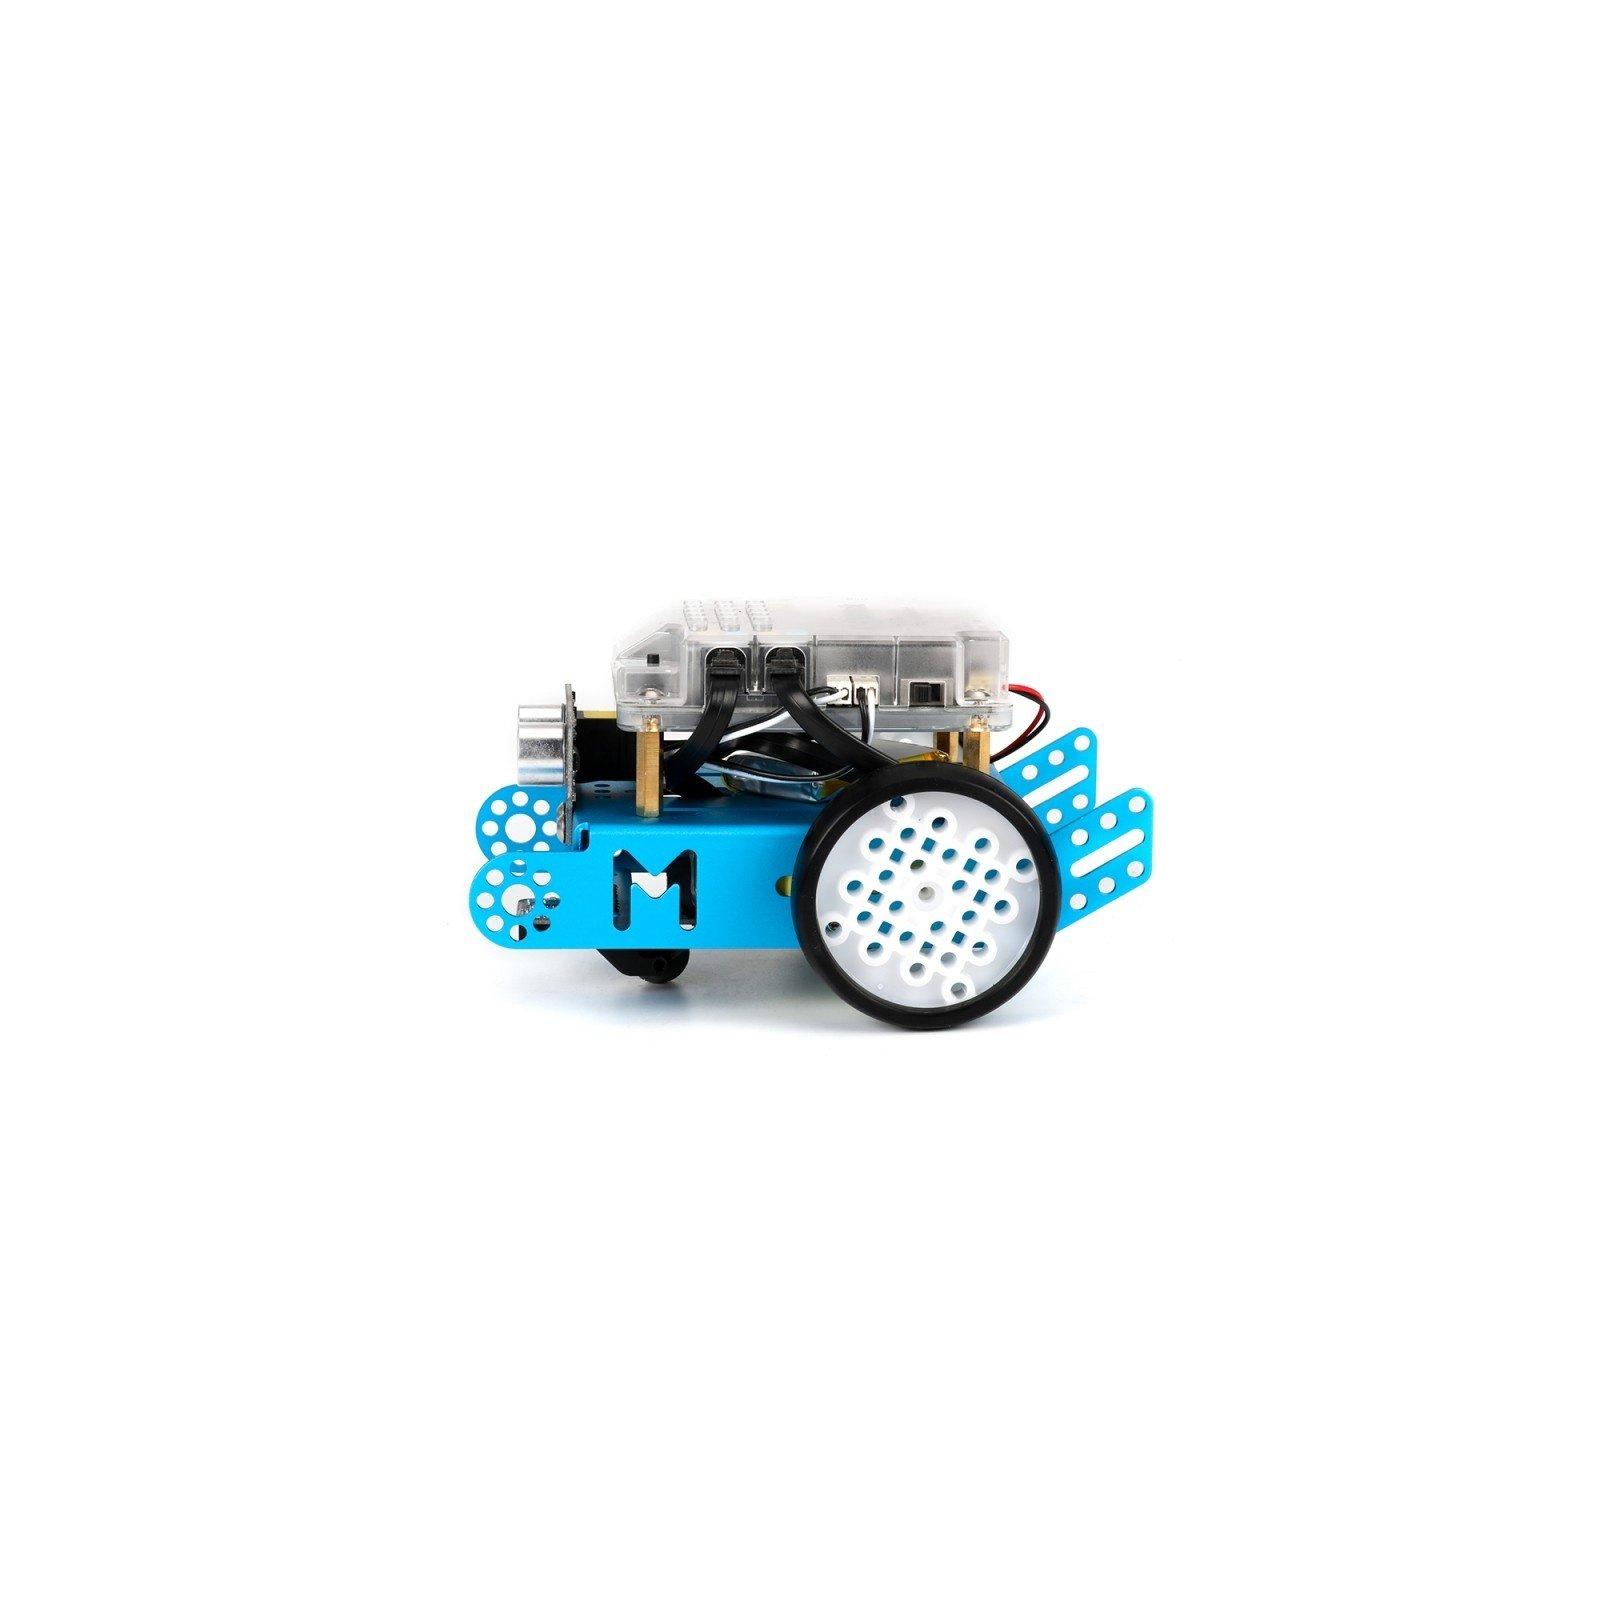 Робот Makeblock mBot v1.1 BT Blue (09.00.53) изображение 4